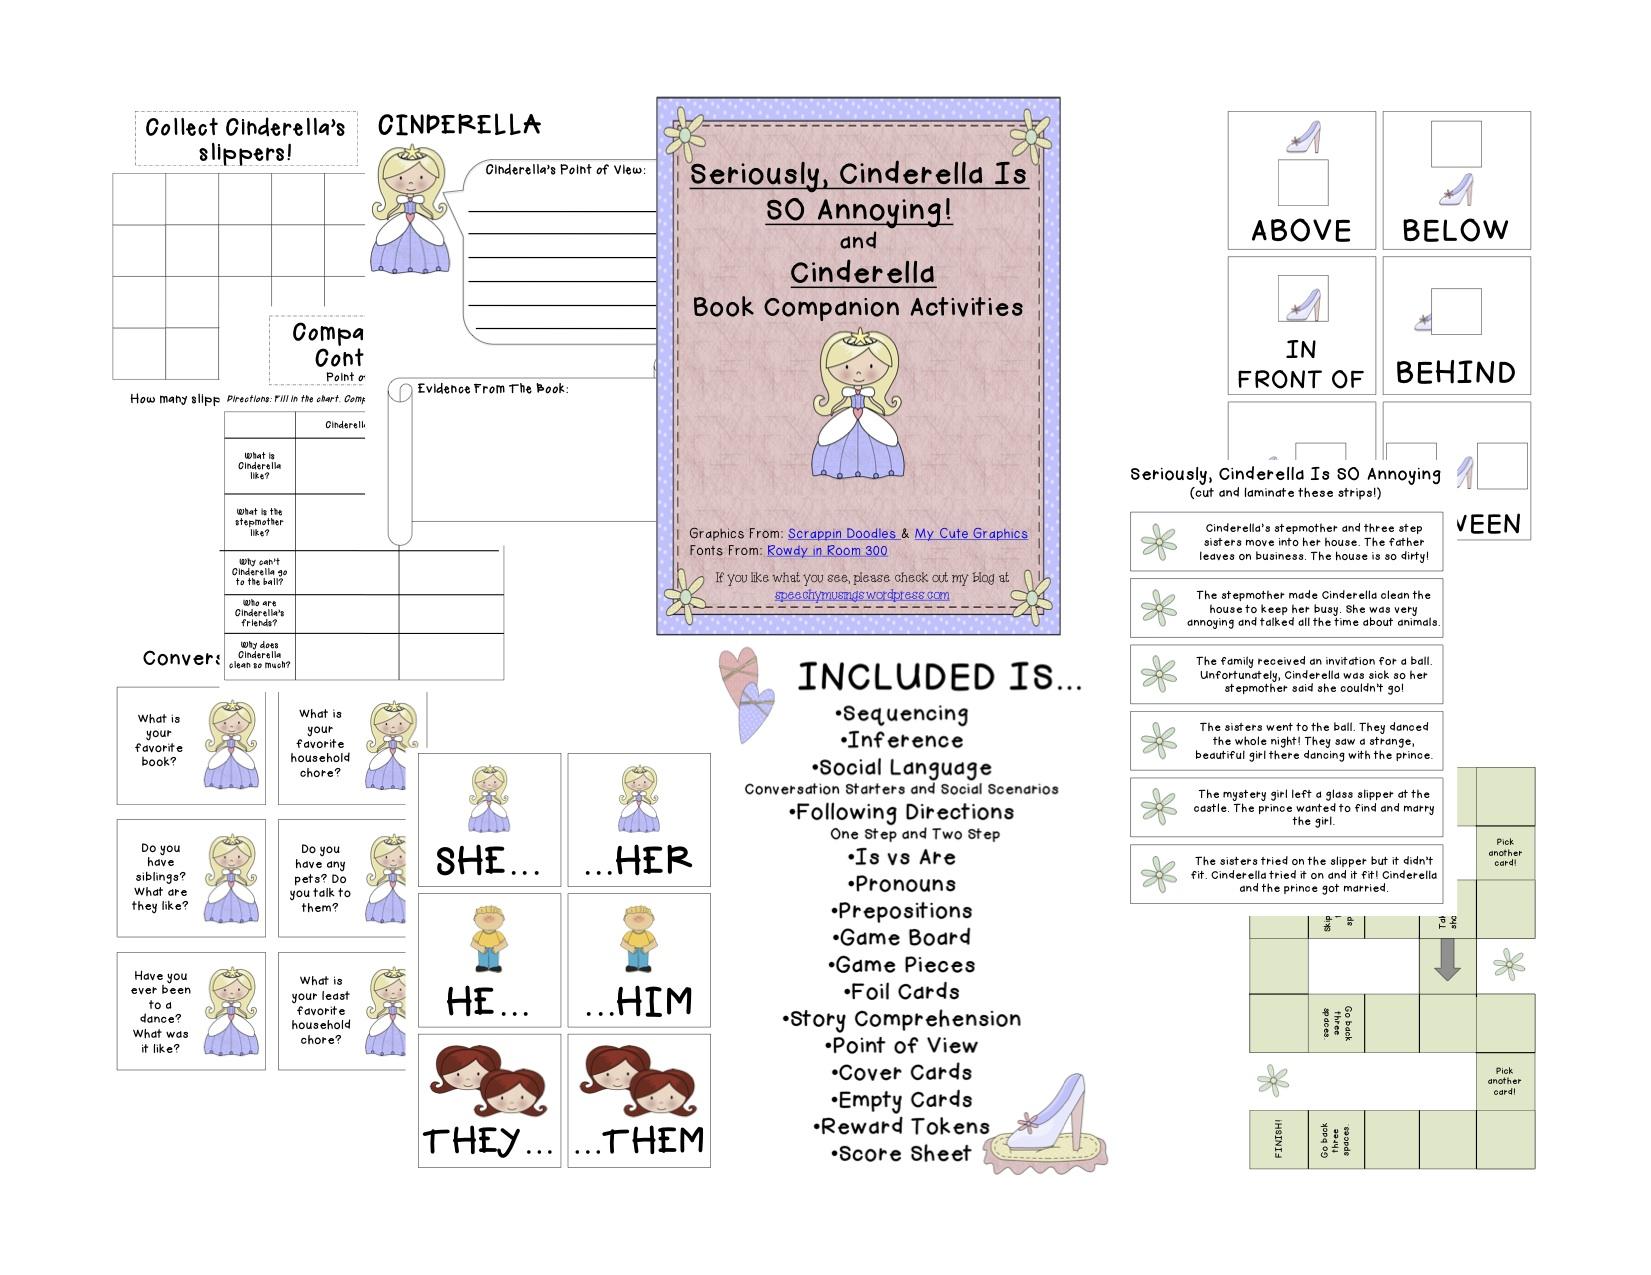 Cinderella Companion Book Activities